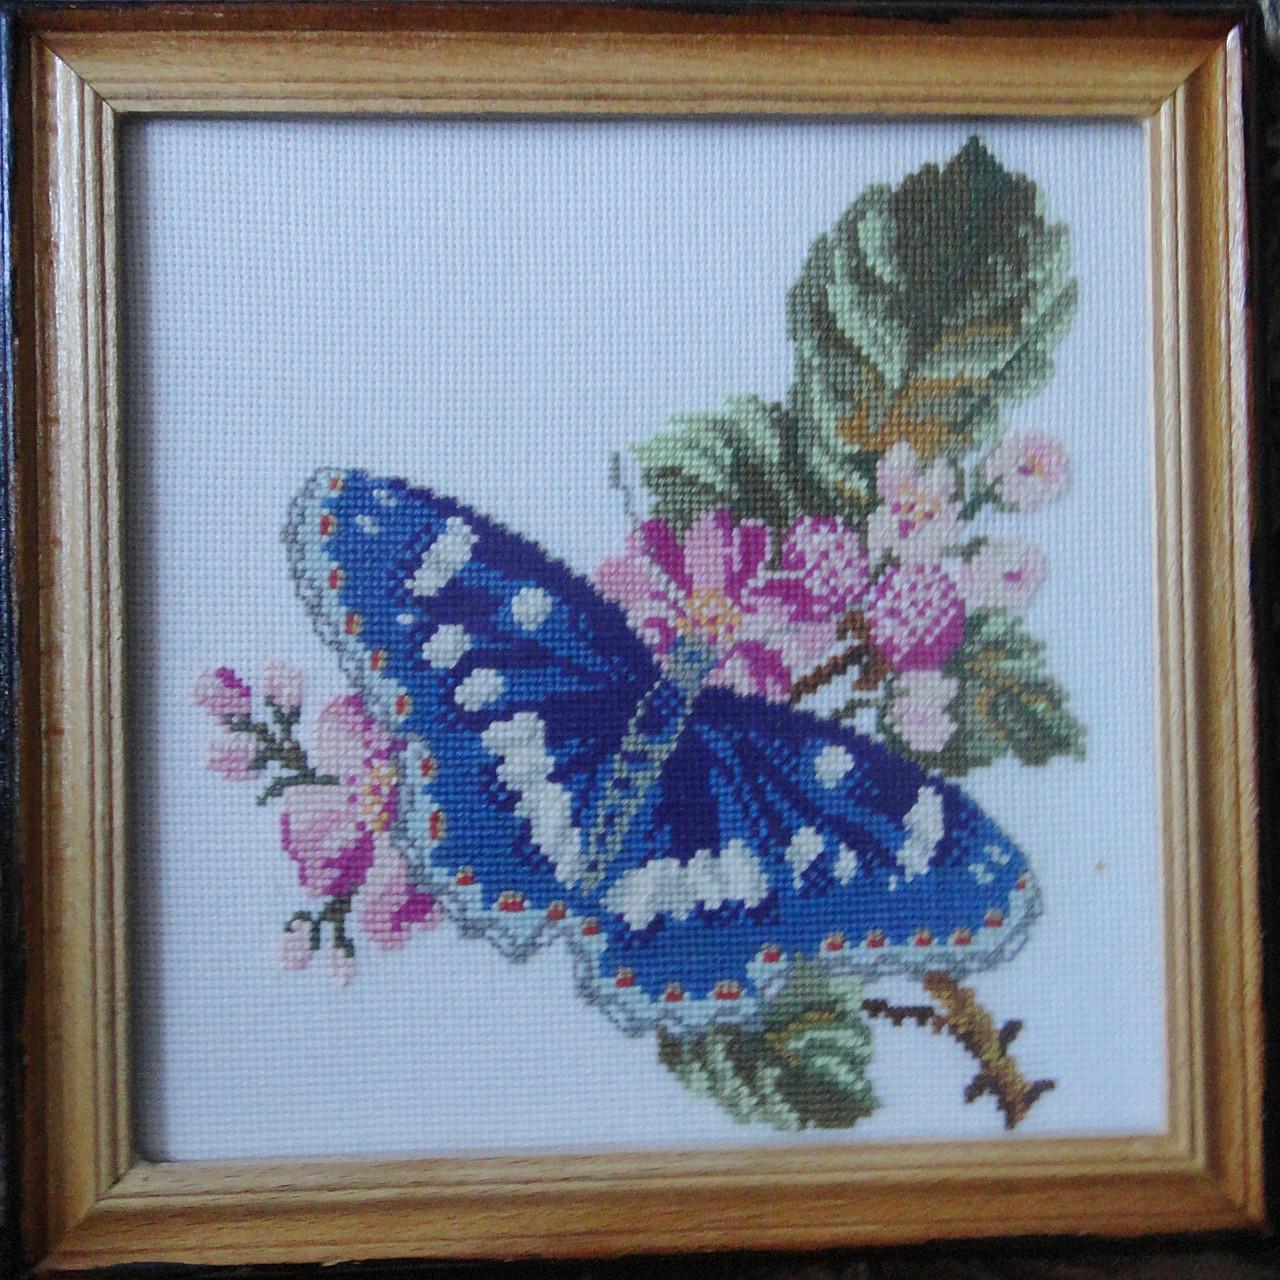 Картина «Бабочка Адмирал» вышитая крестом ручной работы 20х20 см